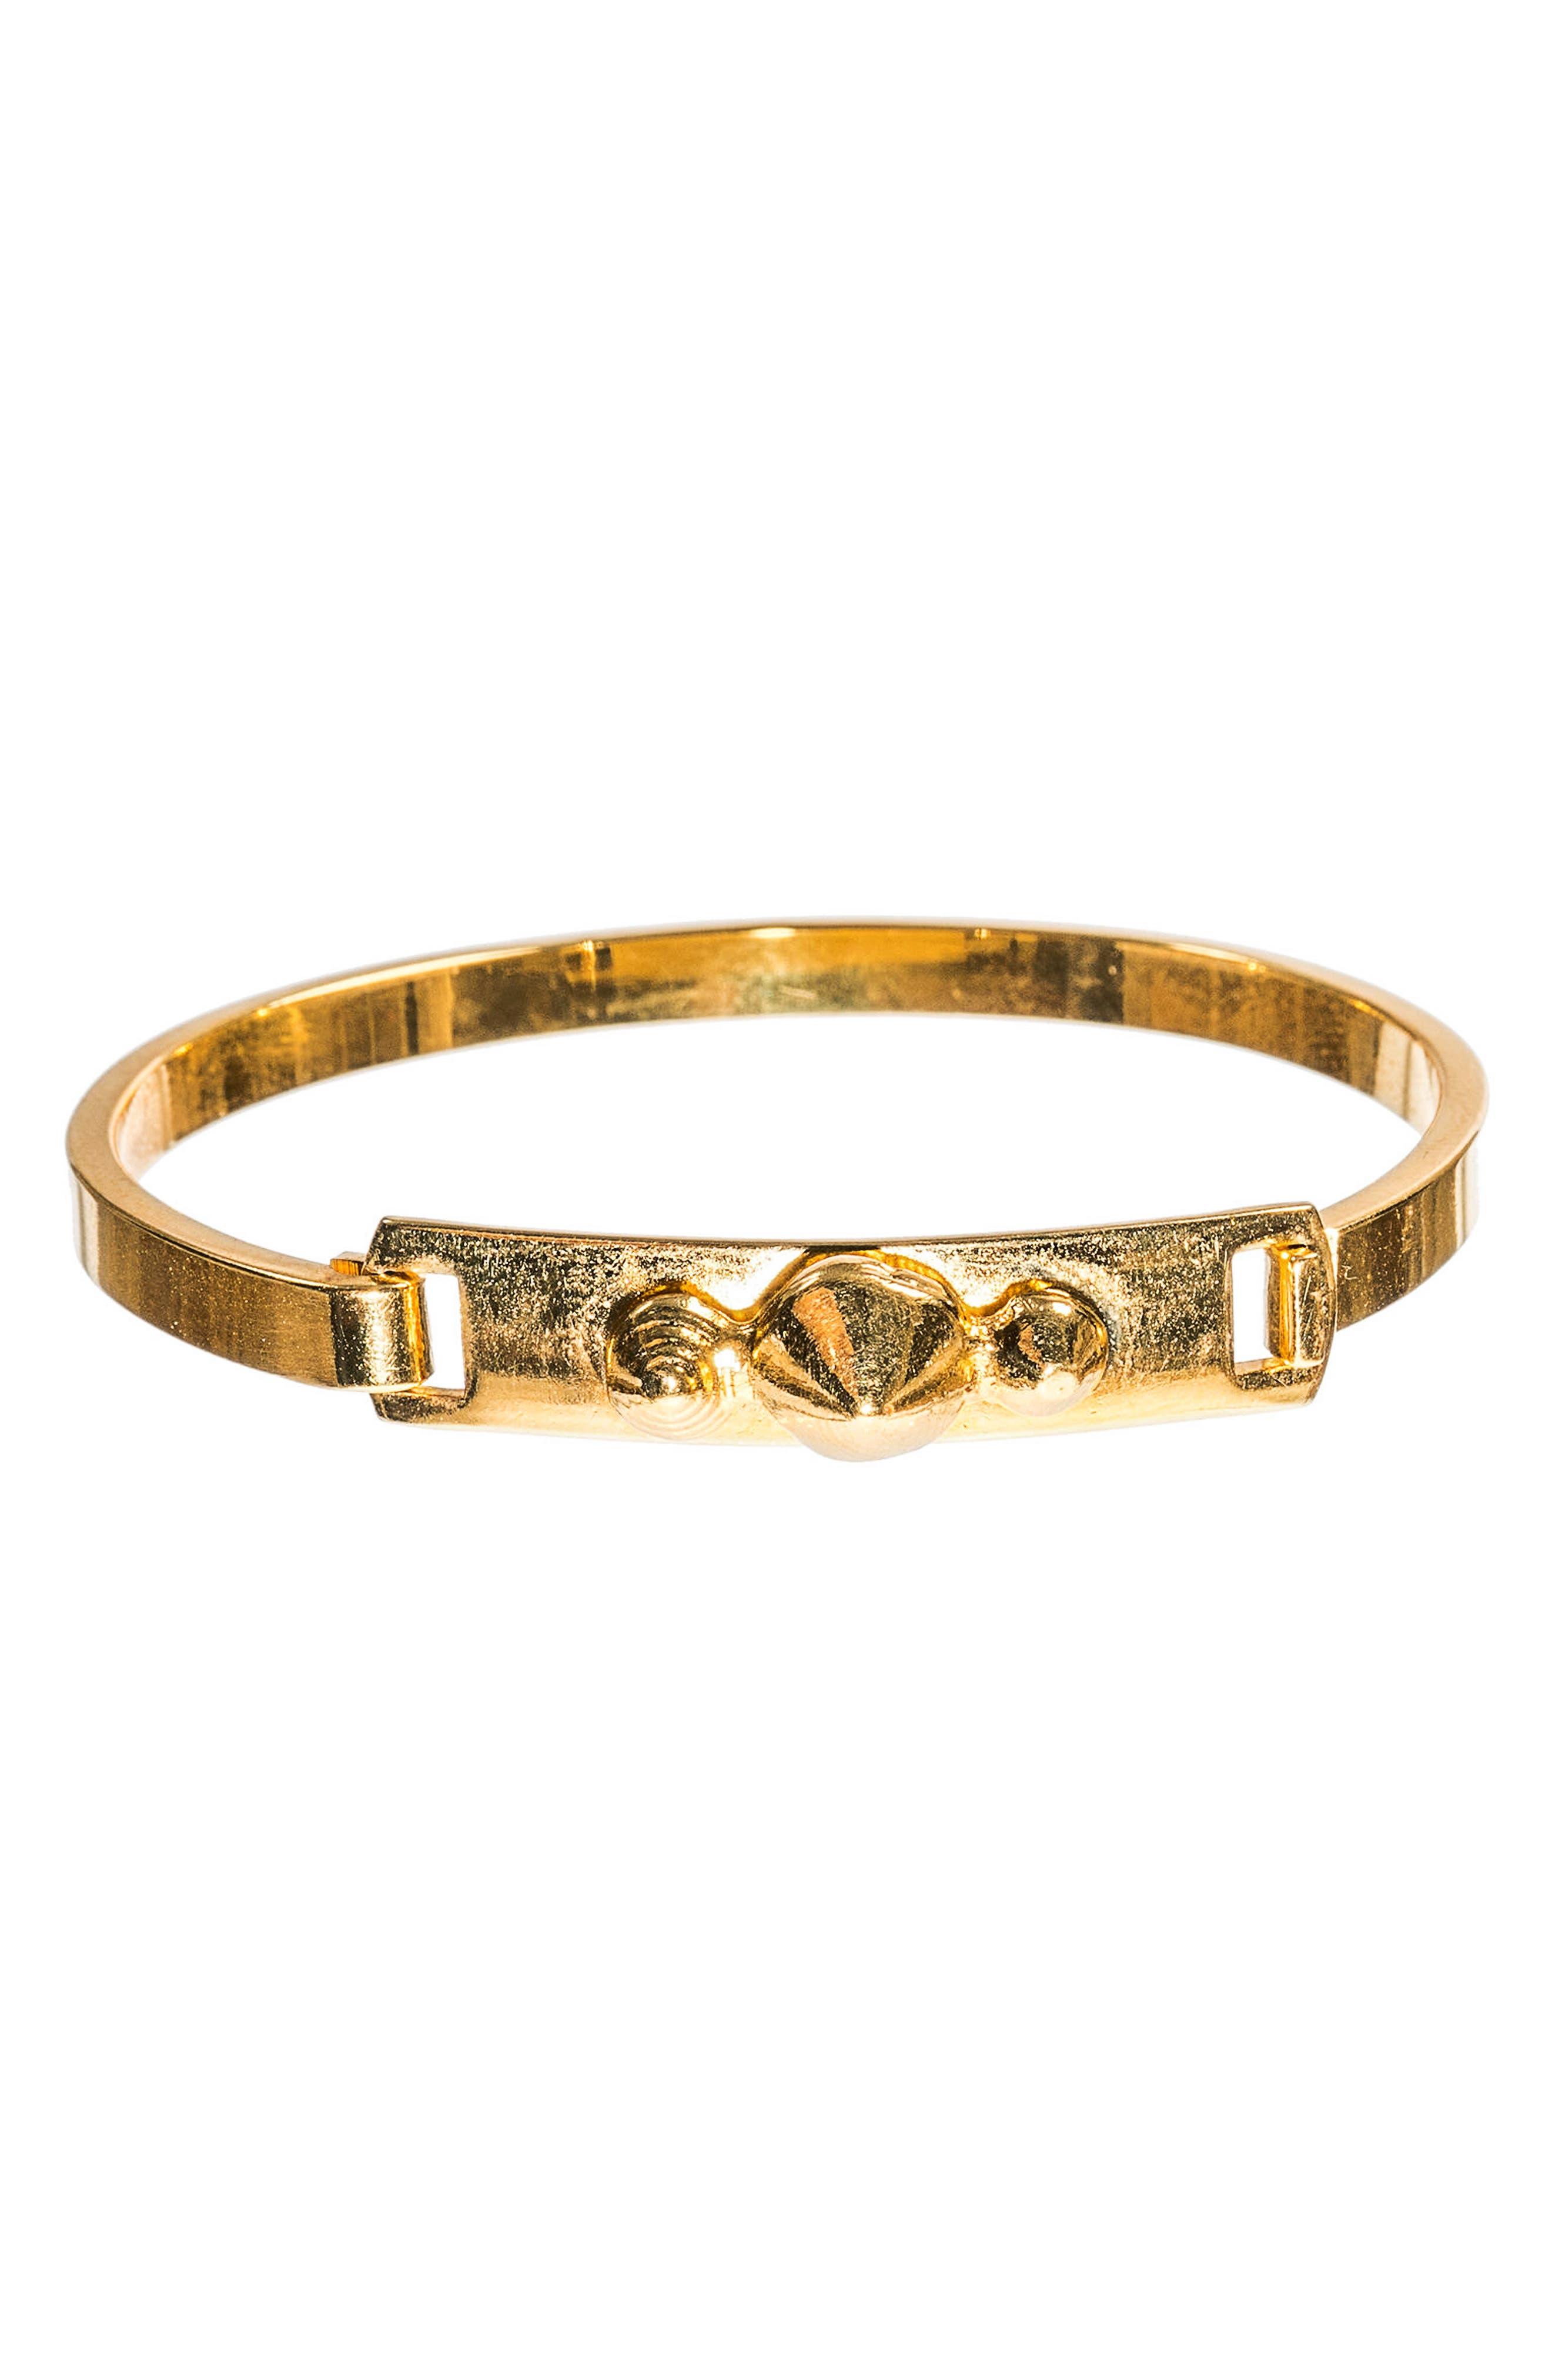 MHART Gold Spike Cuff Bracelet